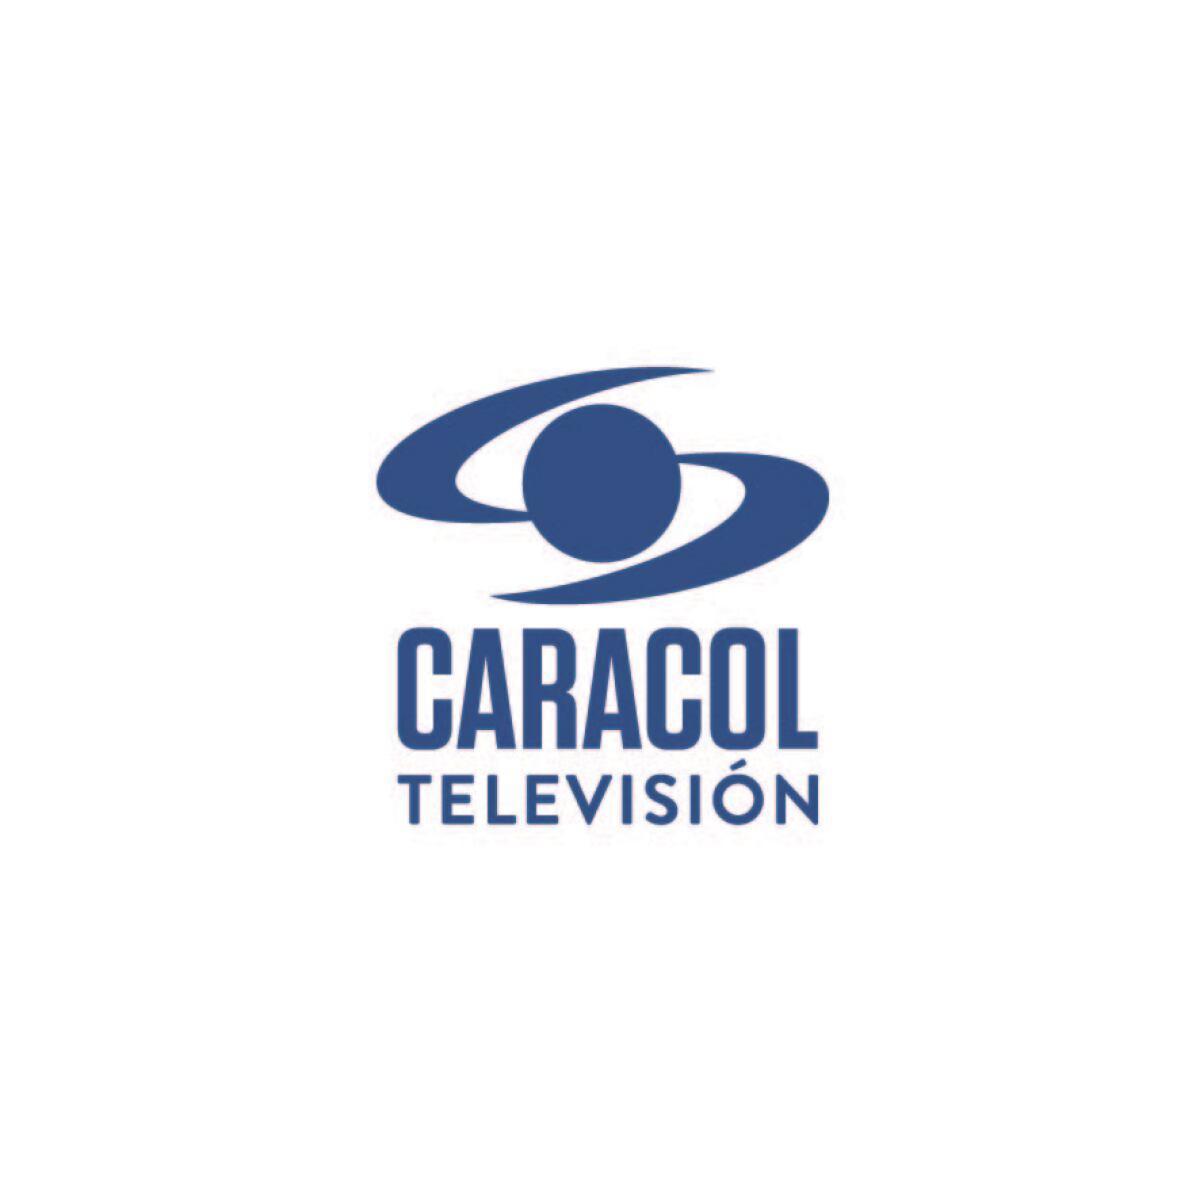 Caracol Televisión lidera el share de audiencia por noveno año consecutivo